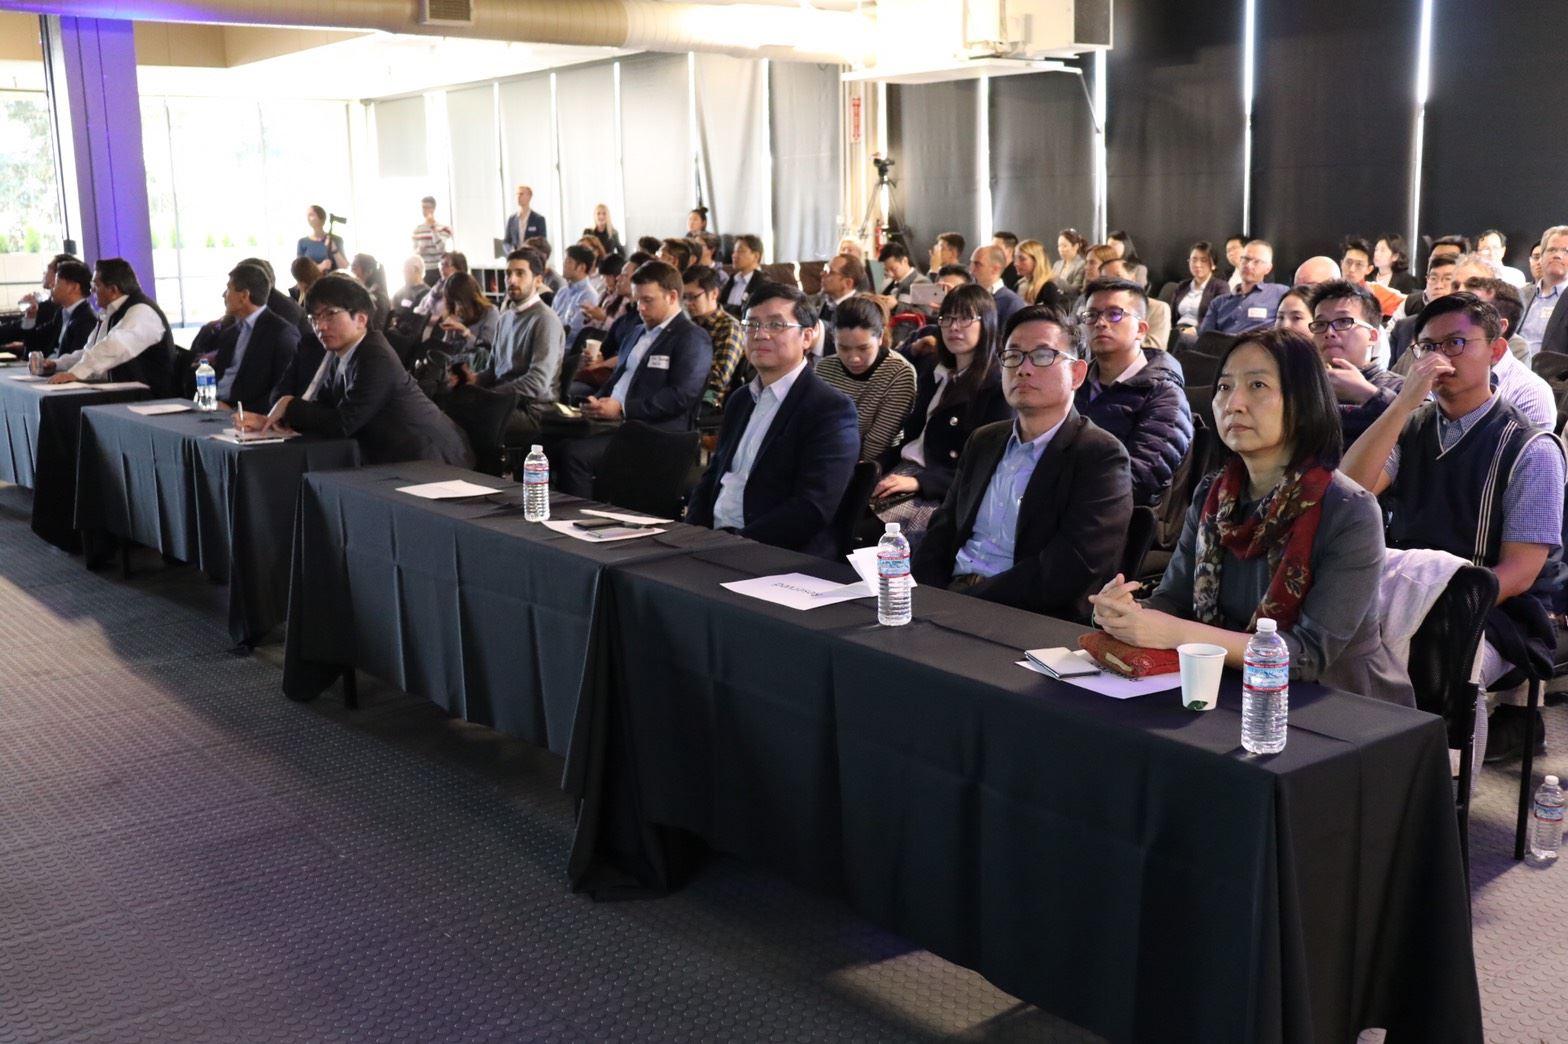 圖3.邀請台、日、韓、澳等國家新創團隊與投資者參與活動,現場貴賓雲集、交流熱絡.jpg